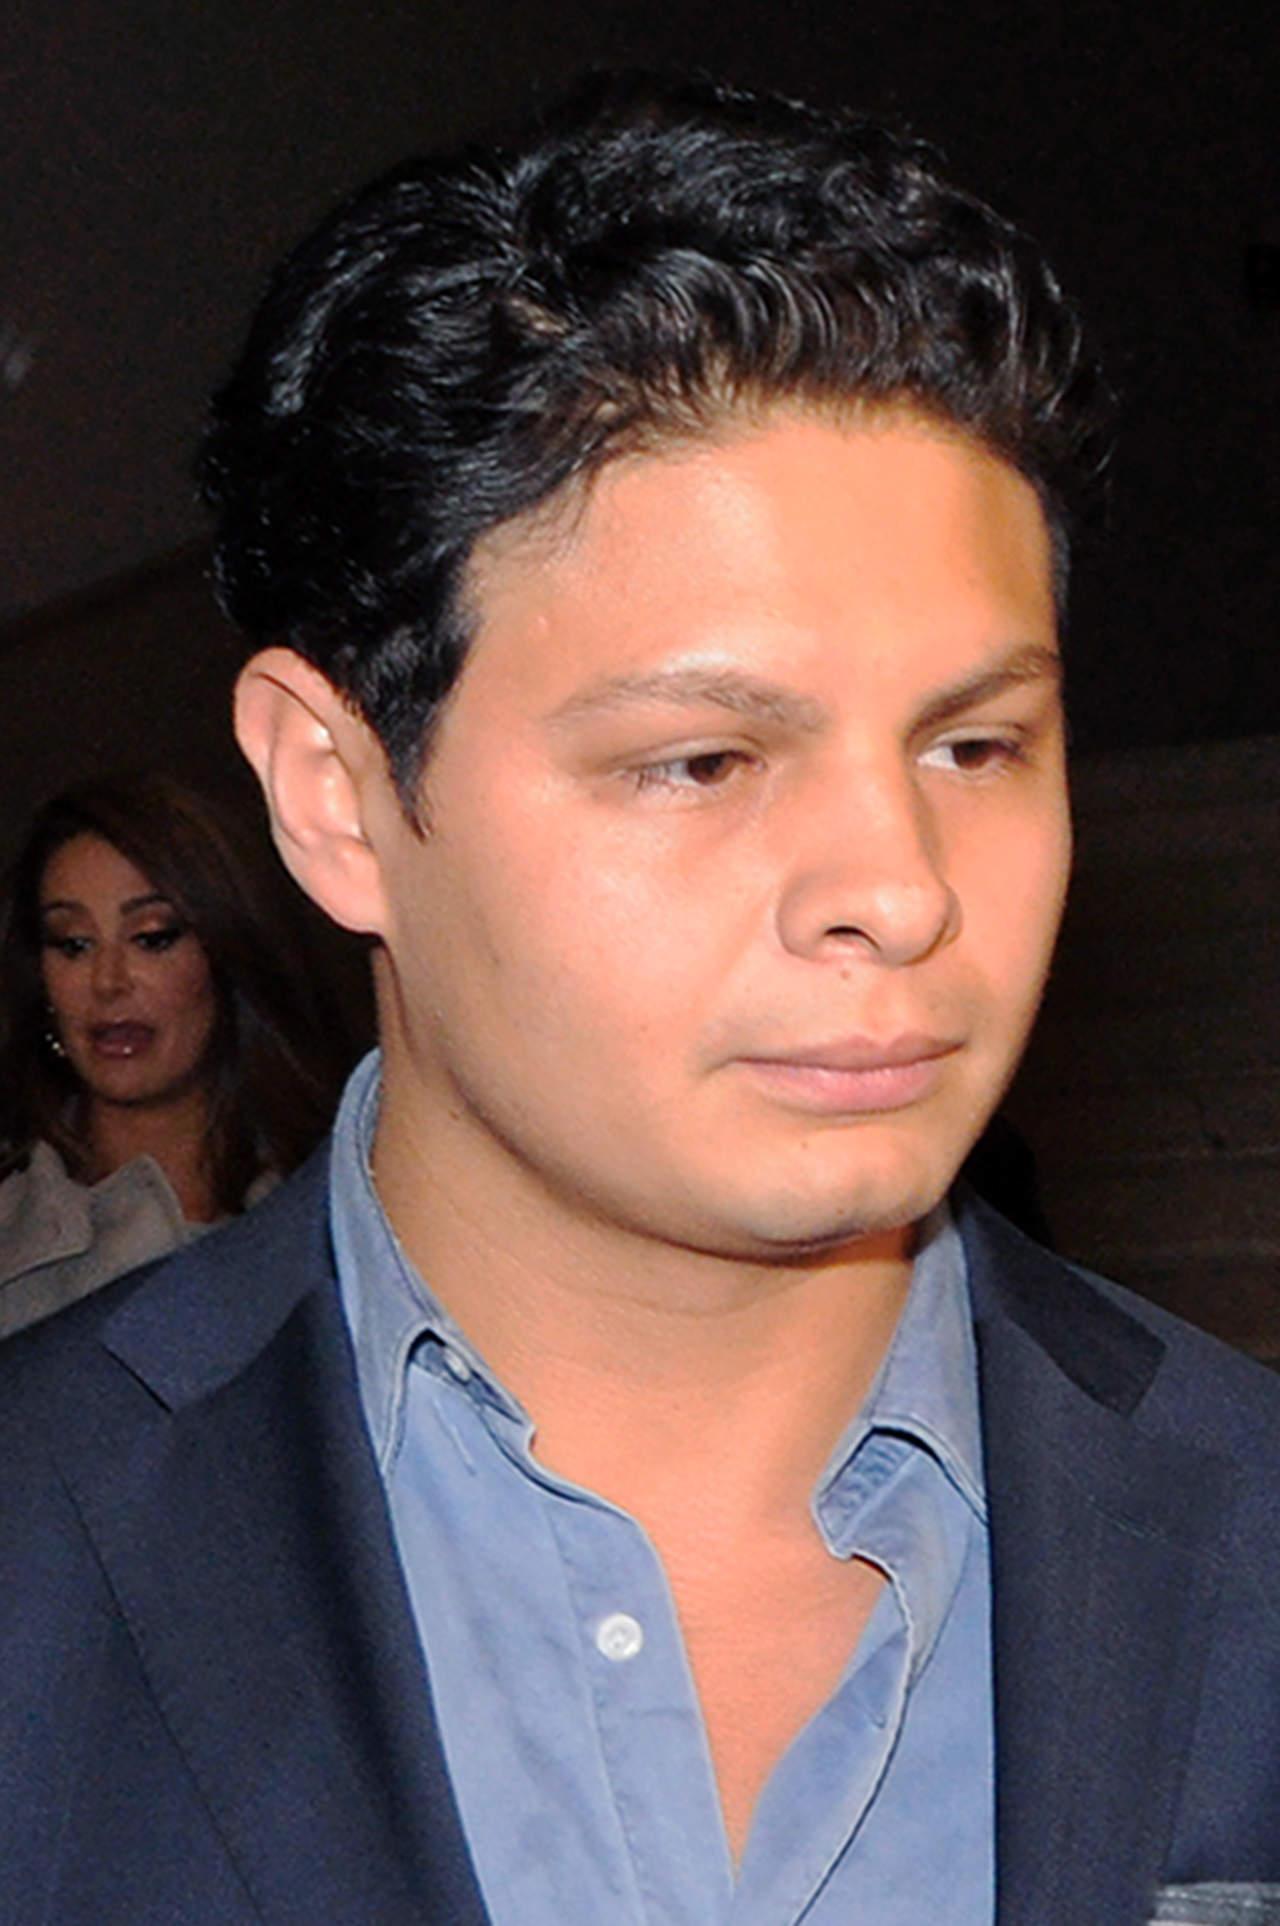 Giovanni Medina responde a Ninel Conde tras acusación de la actriz